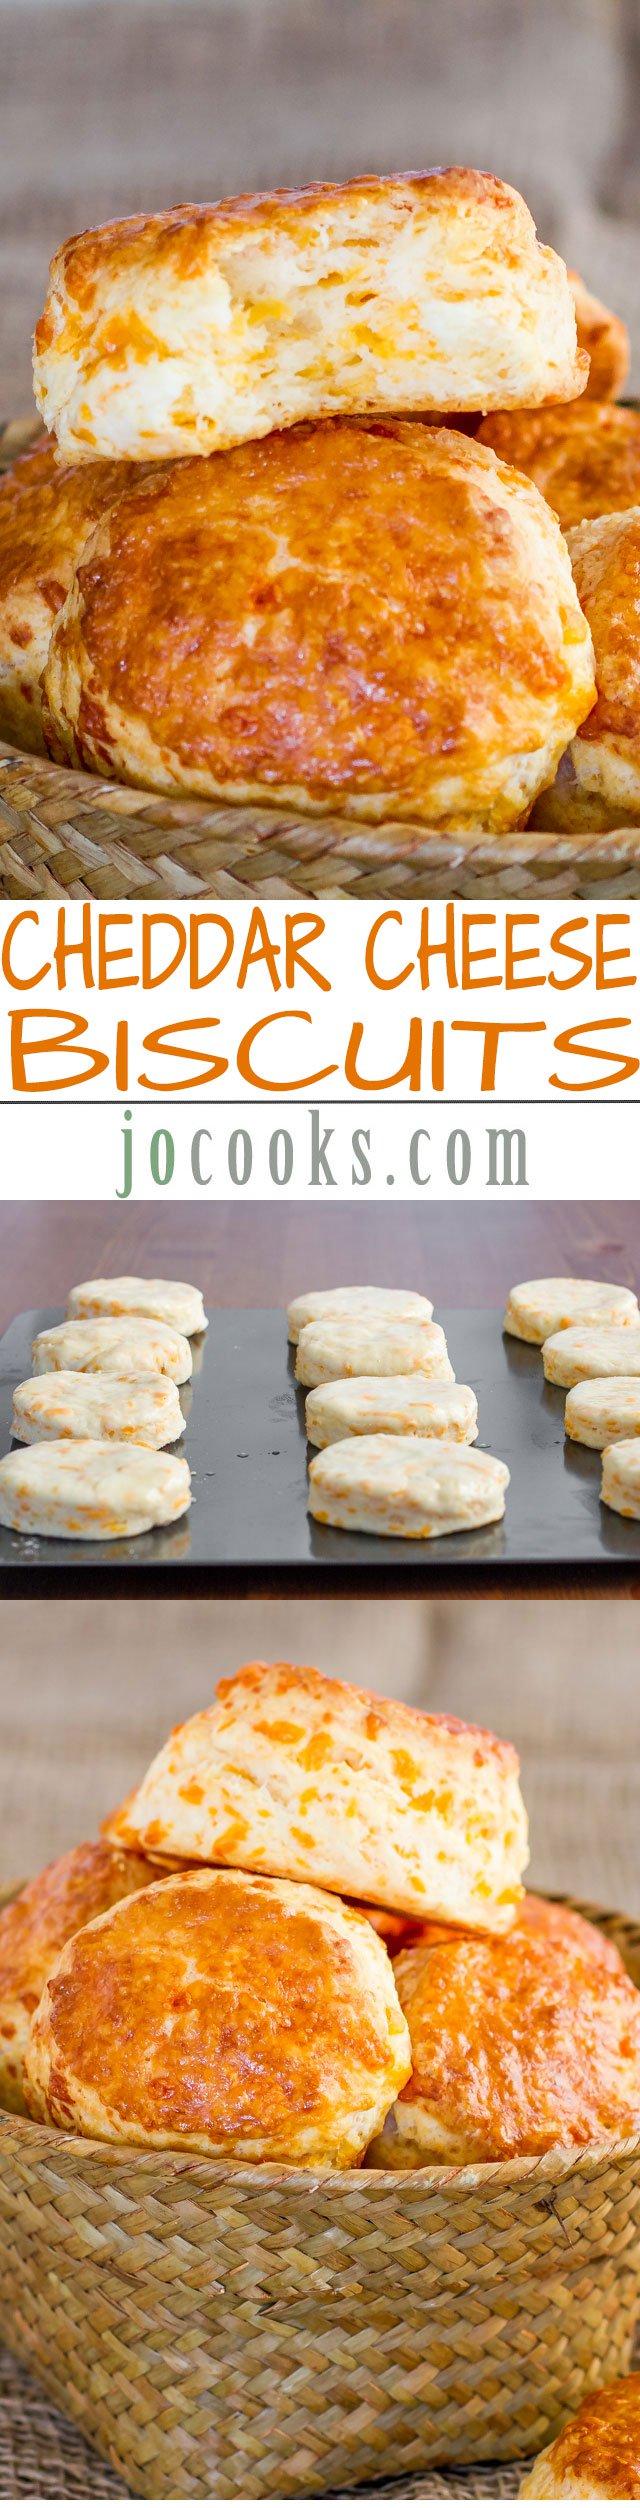 Cheddar Cheese Buttermilk Biscuits Nom Nom Nom Cheese Biscuits Buttermilk Biscuits Biscuits